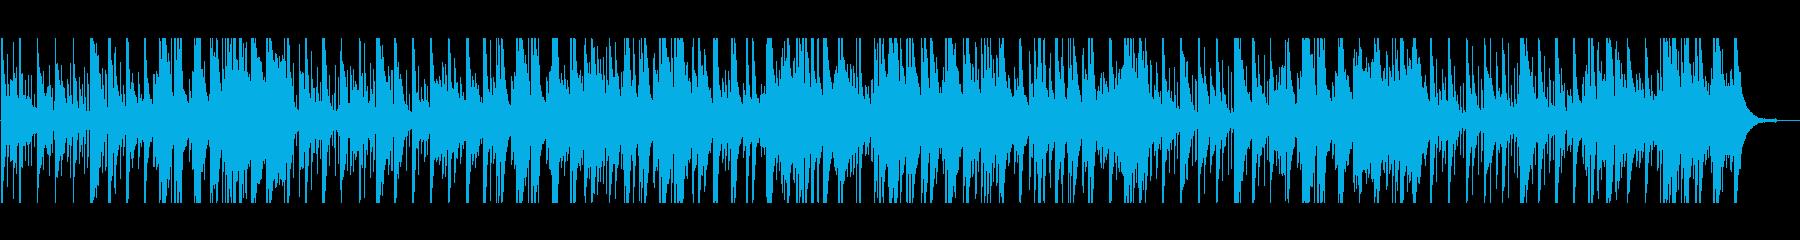 エレガントなジャズワルツの再生済みの波形